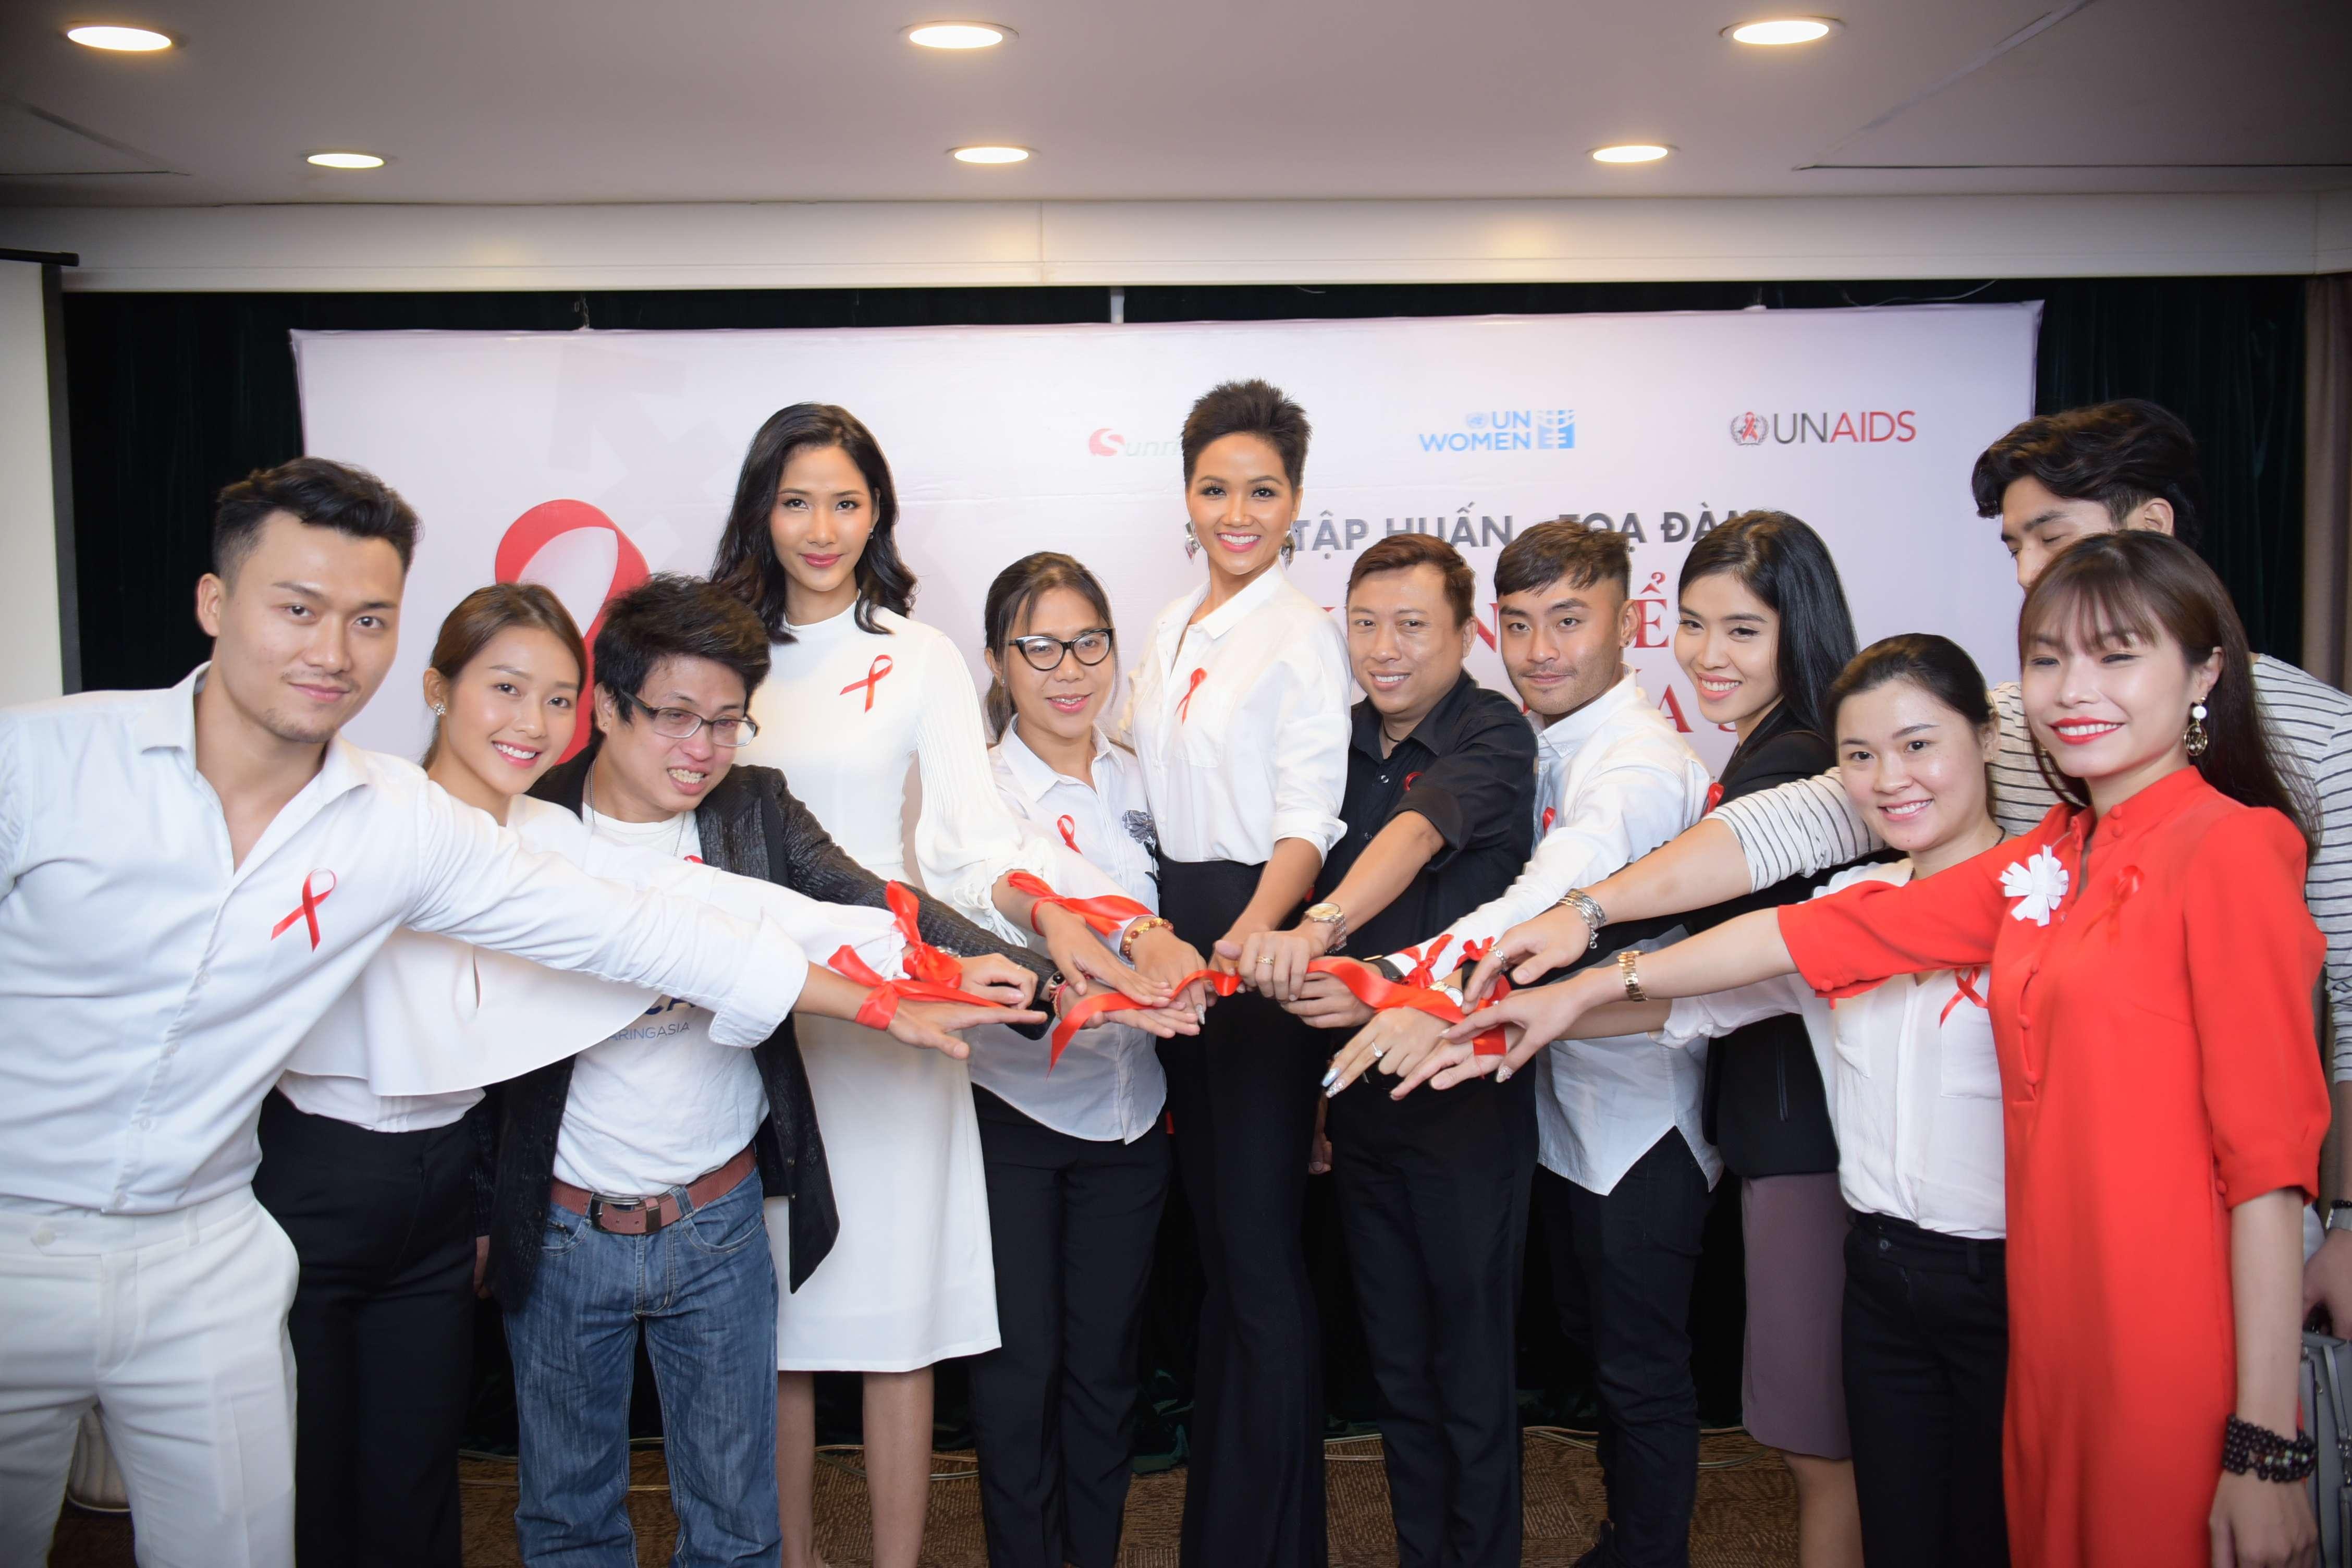 UNWomen – UNAIDS tổ chức tập huấn bình đẳng giới 10